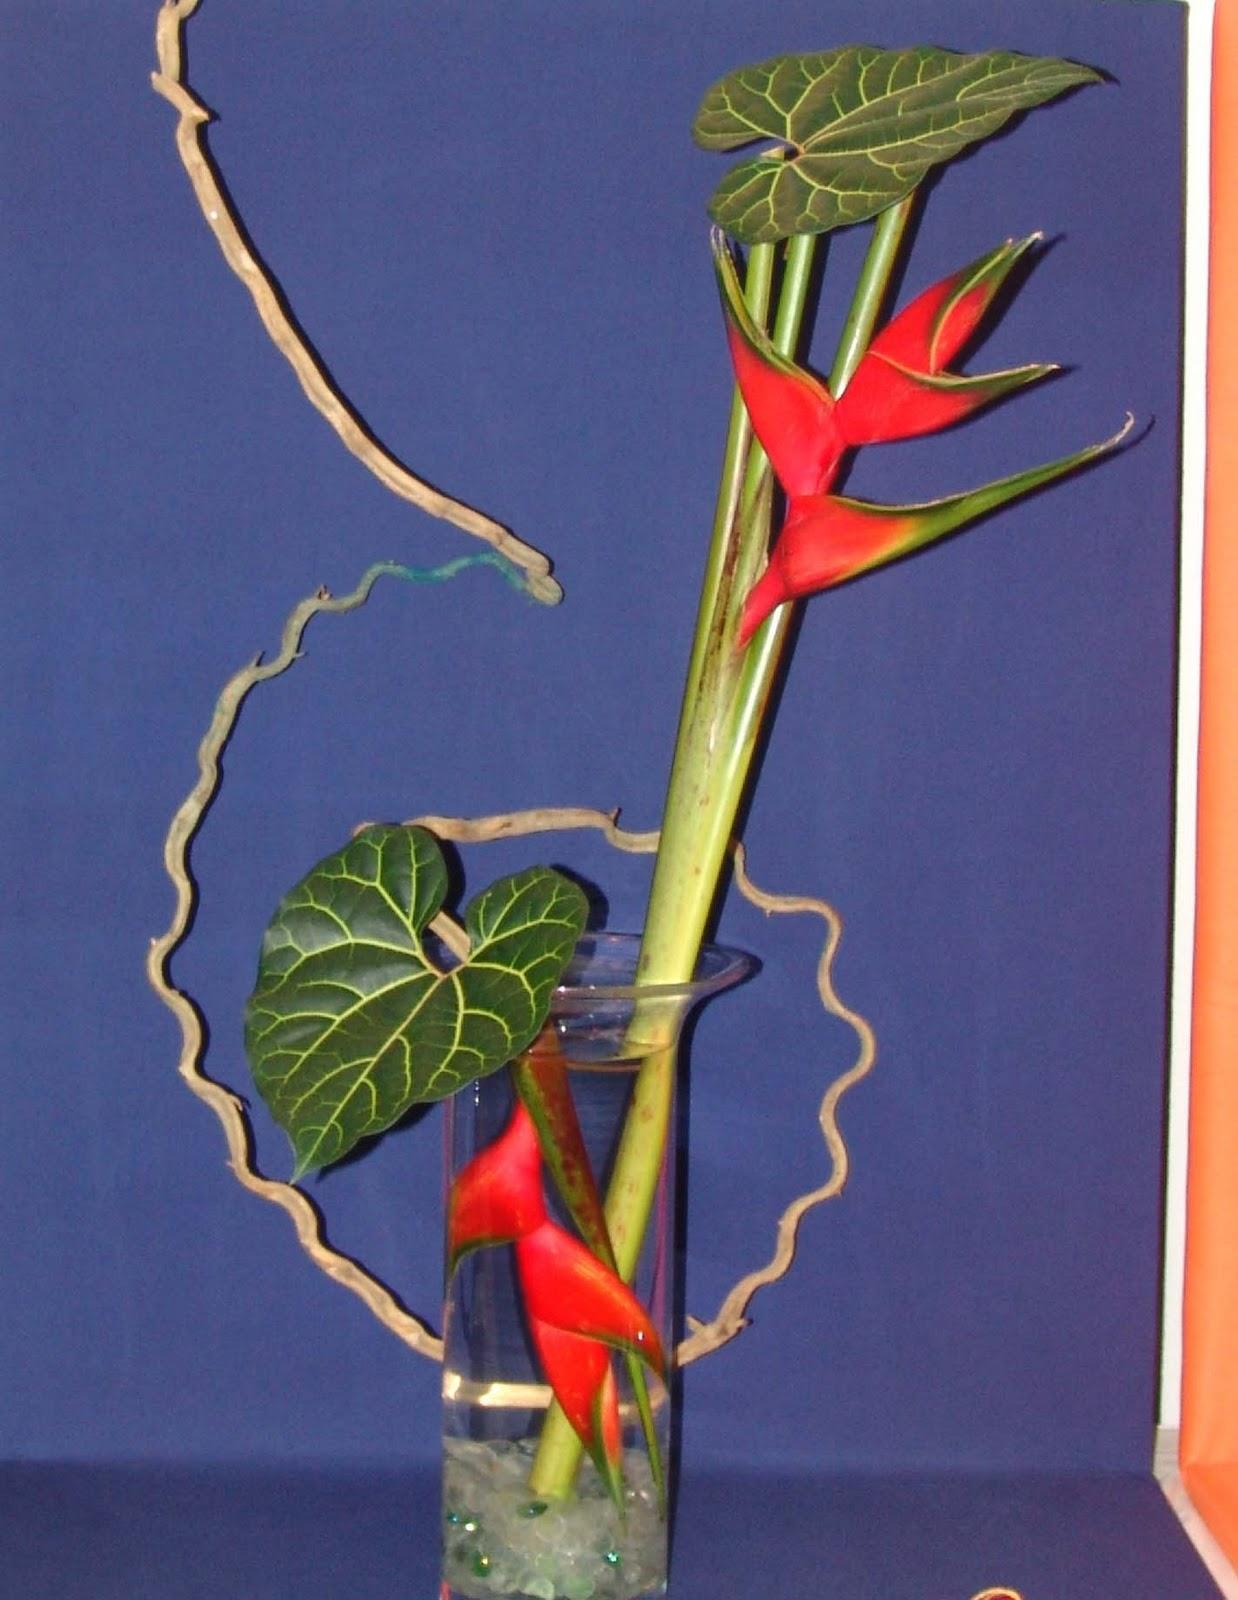 Arreglos Florales Creativos Arreglos Creativos Bajo Agua